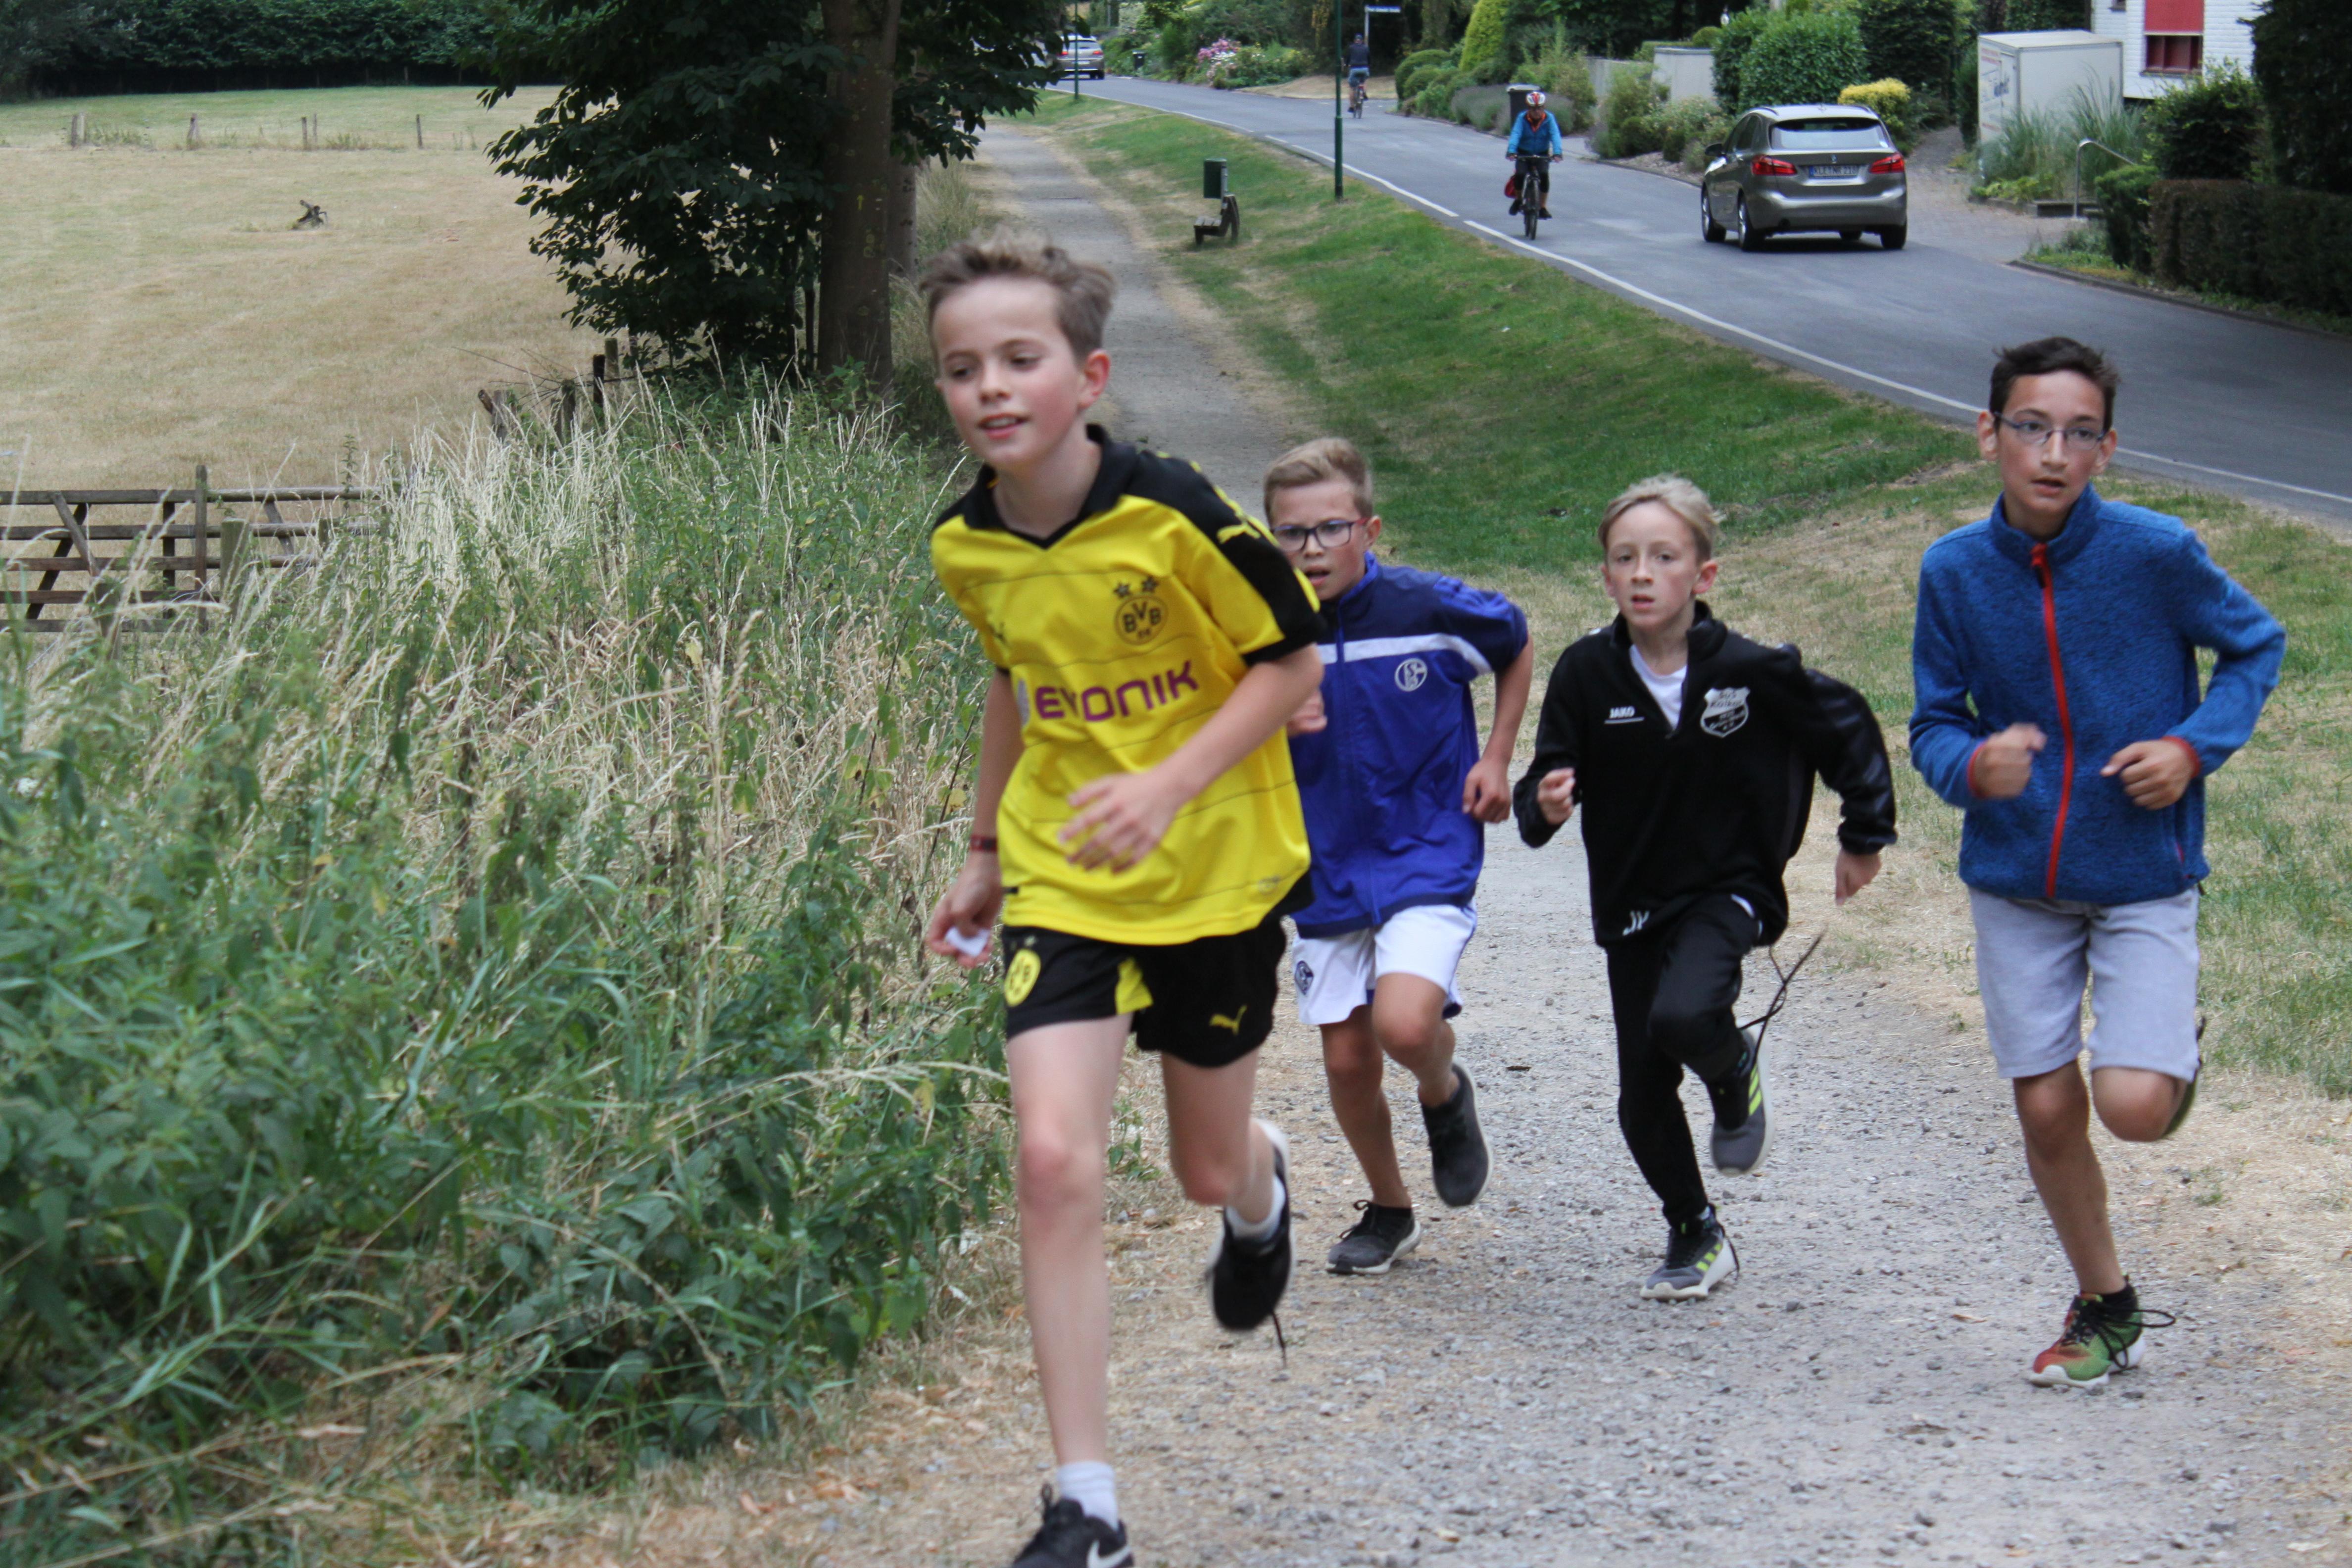 Laufen für den guten Zweck – Sponsorenlauf 2018